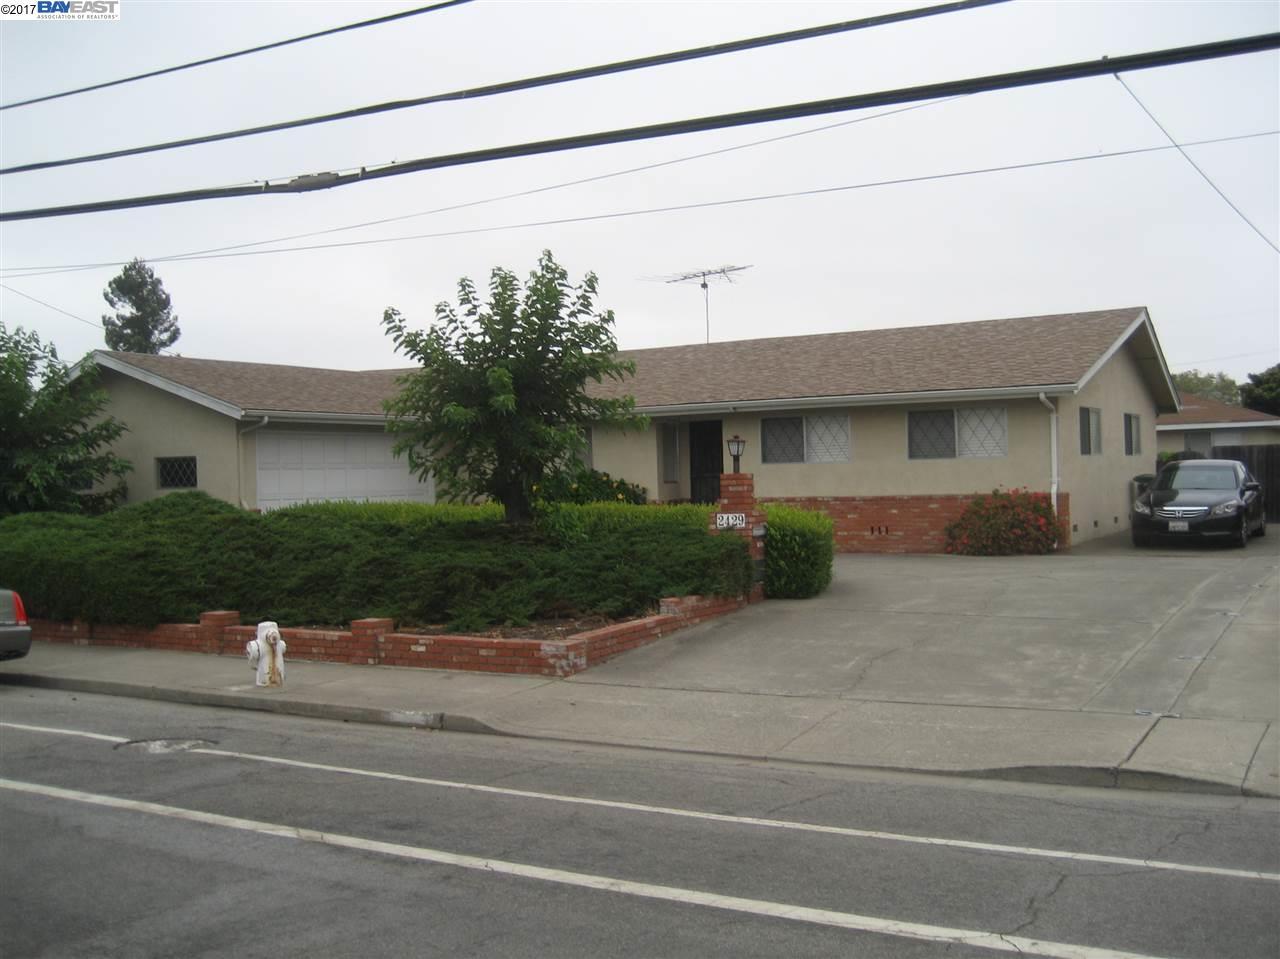 多戶家庭房屋 為 出售 在 2431 Fairway San Leandro, 加利福尼亞州 95667 美國